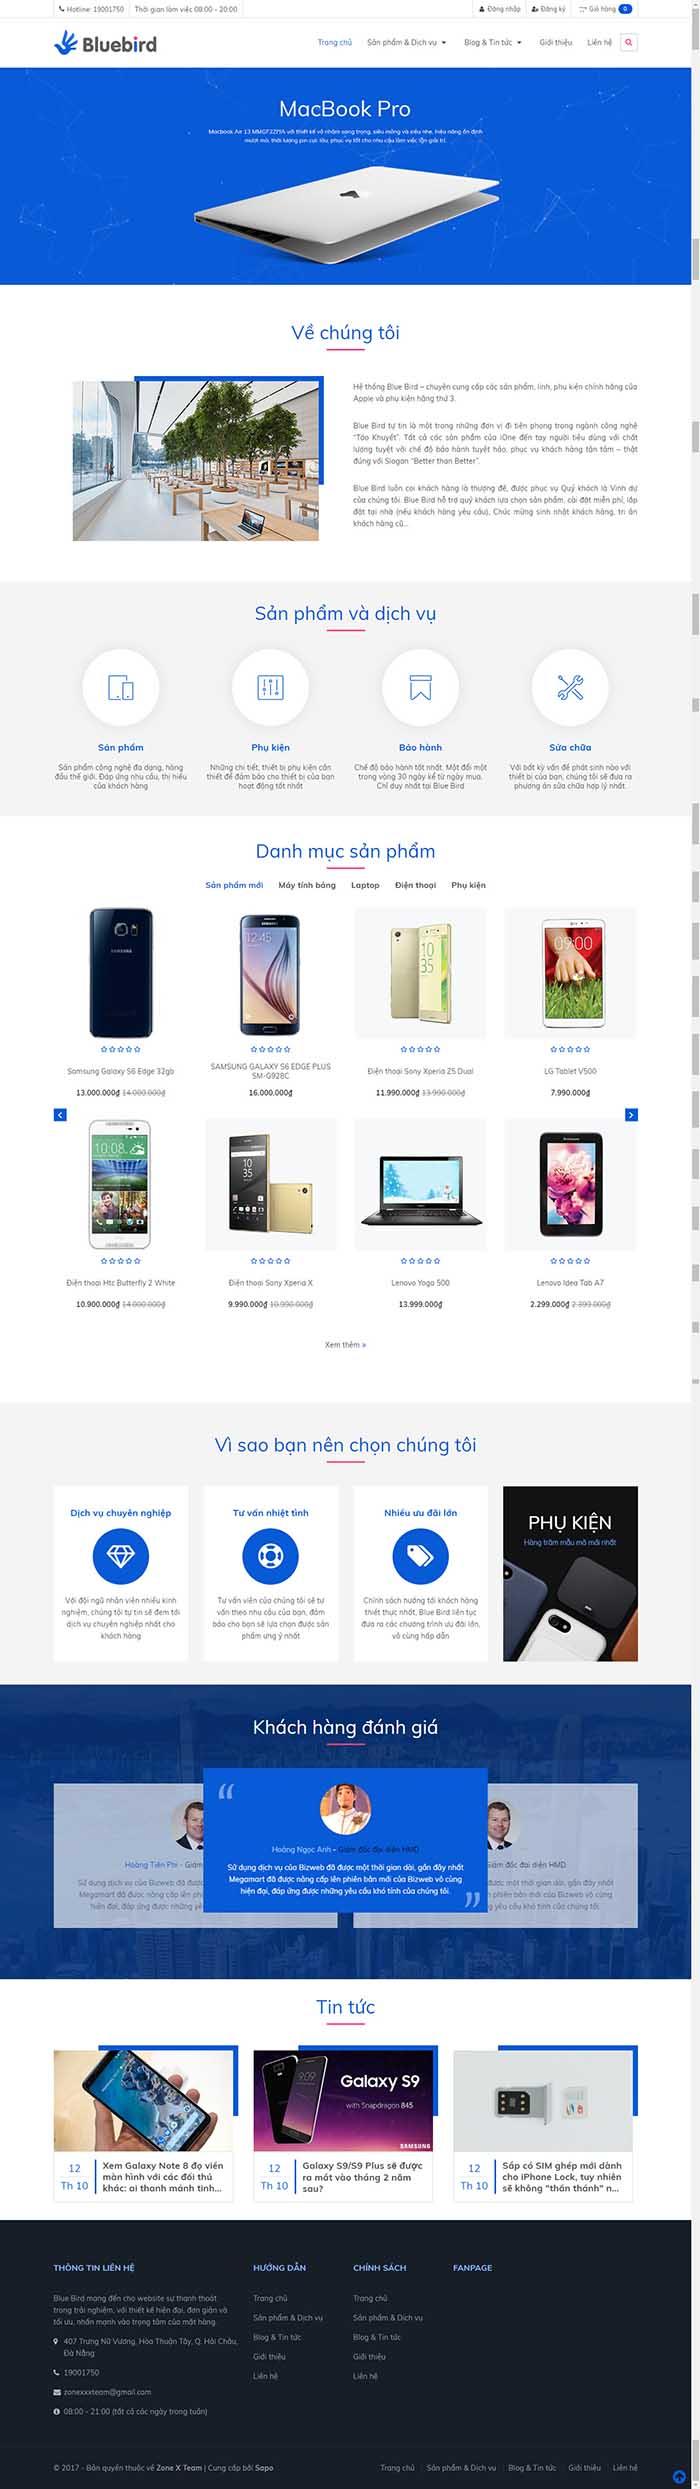 Thiết kế Mẫu website siêu thị điện máy DM16